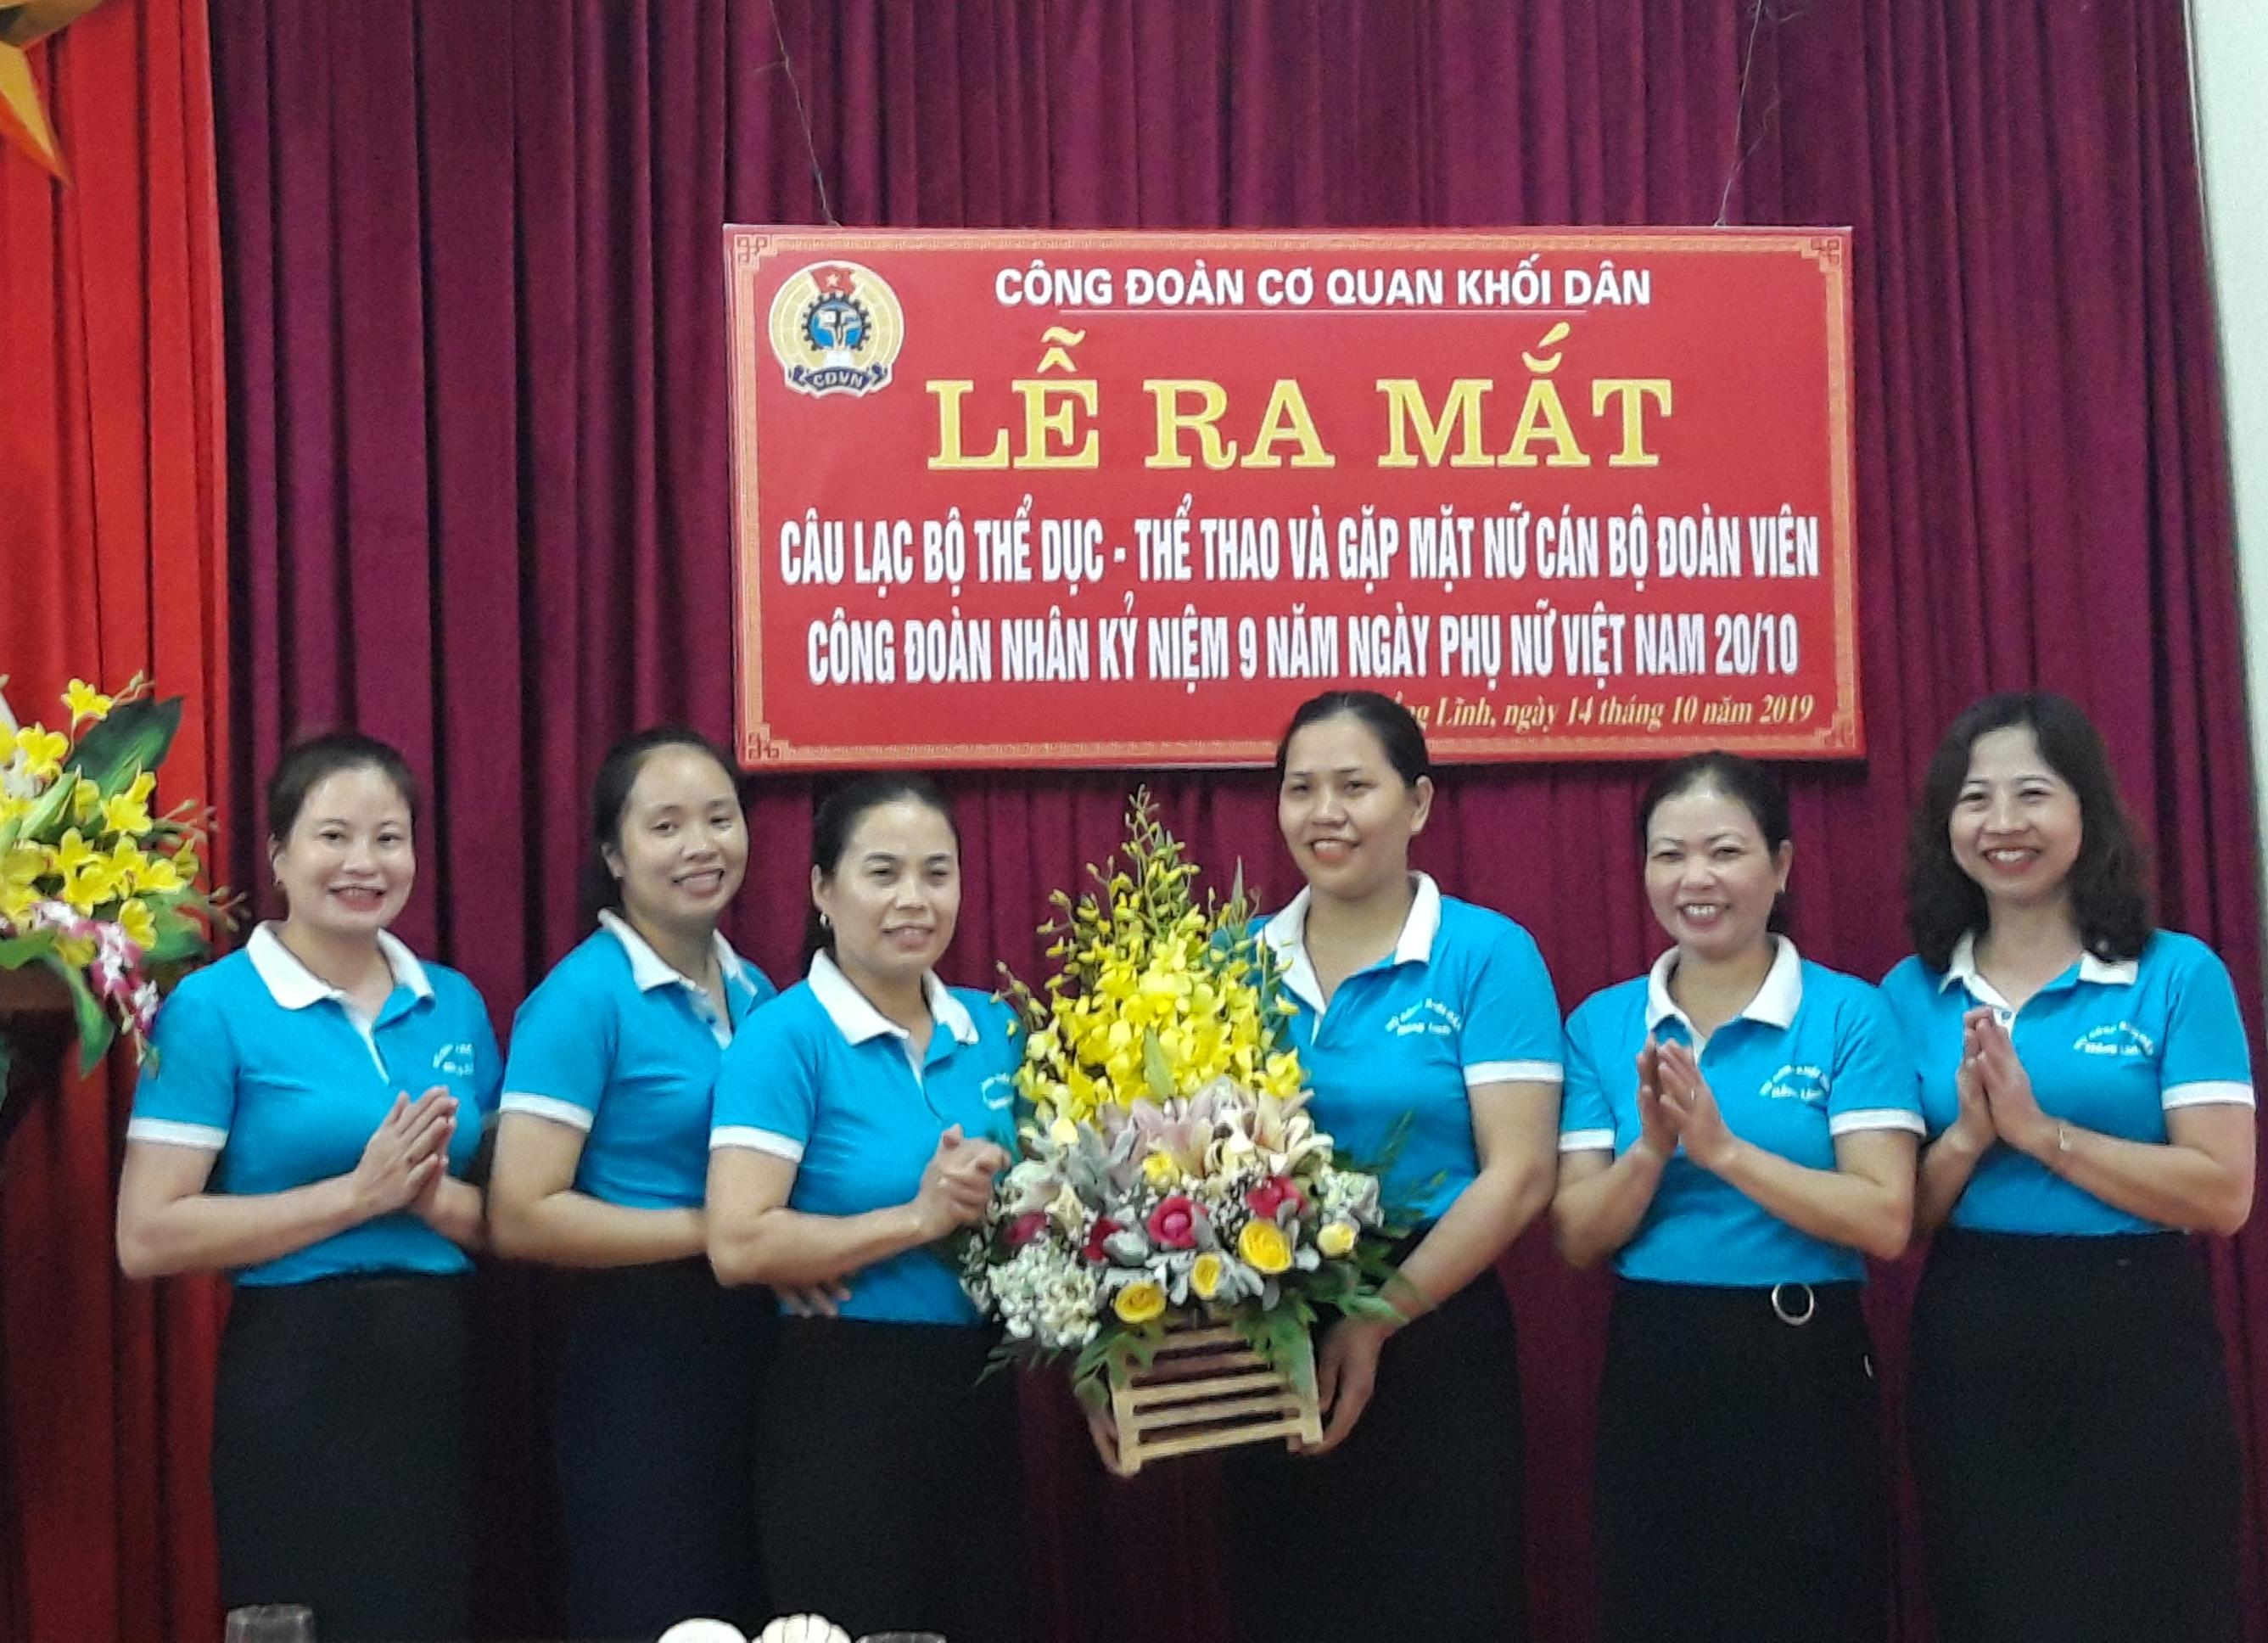 Hồng Lĩnh: Sôi nổi các hoạt động chào mừng ngày Phụ nữ Việt Nam 20/10